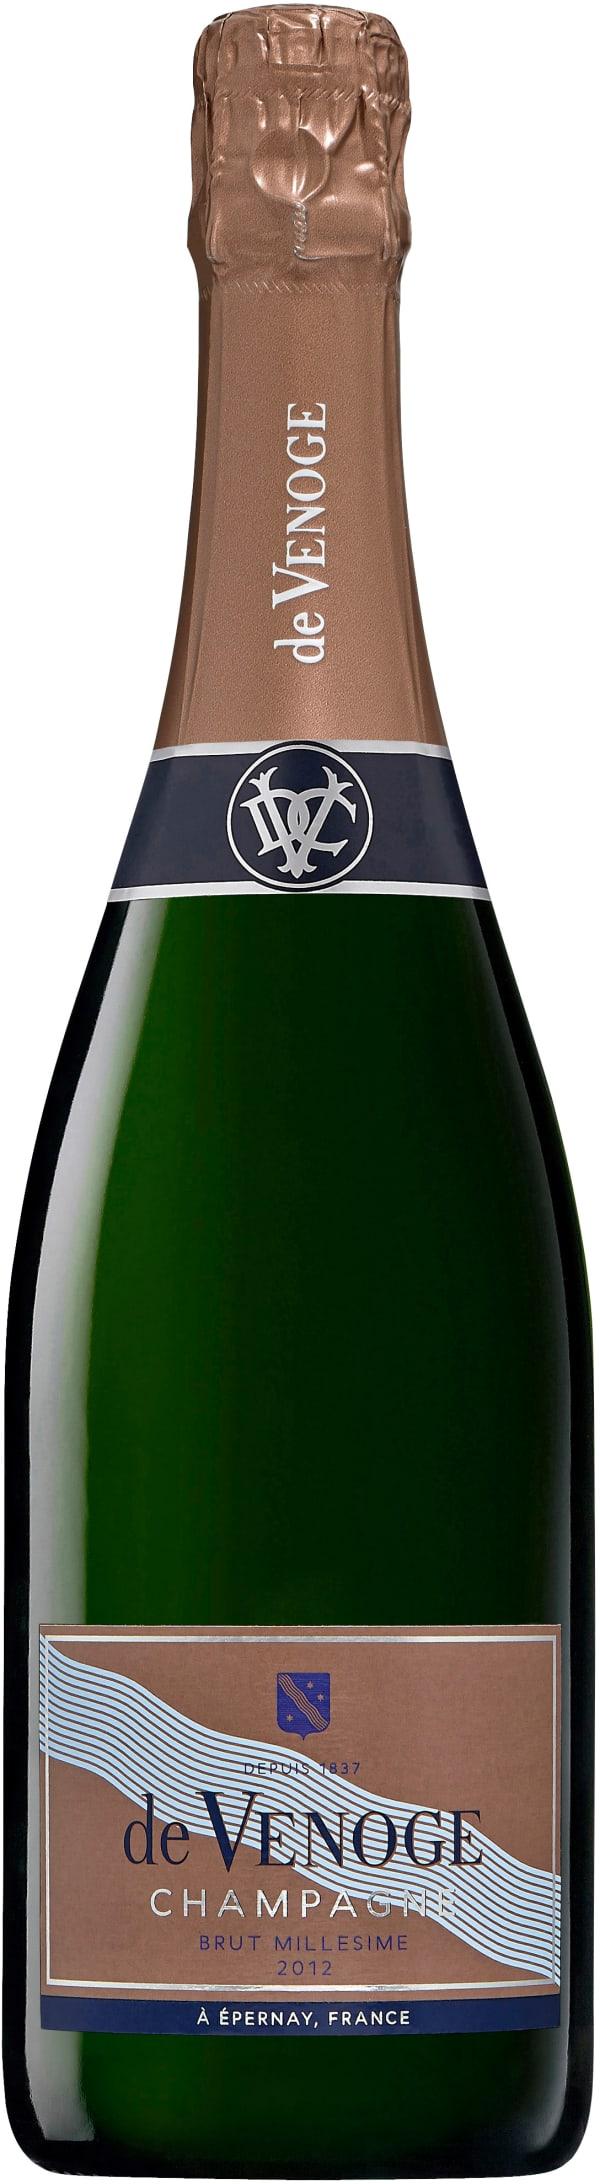 de Venoge Millésimé Champagne Brut 2012